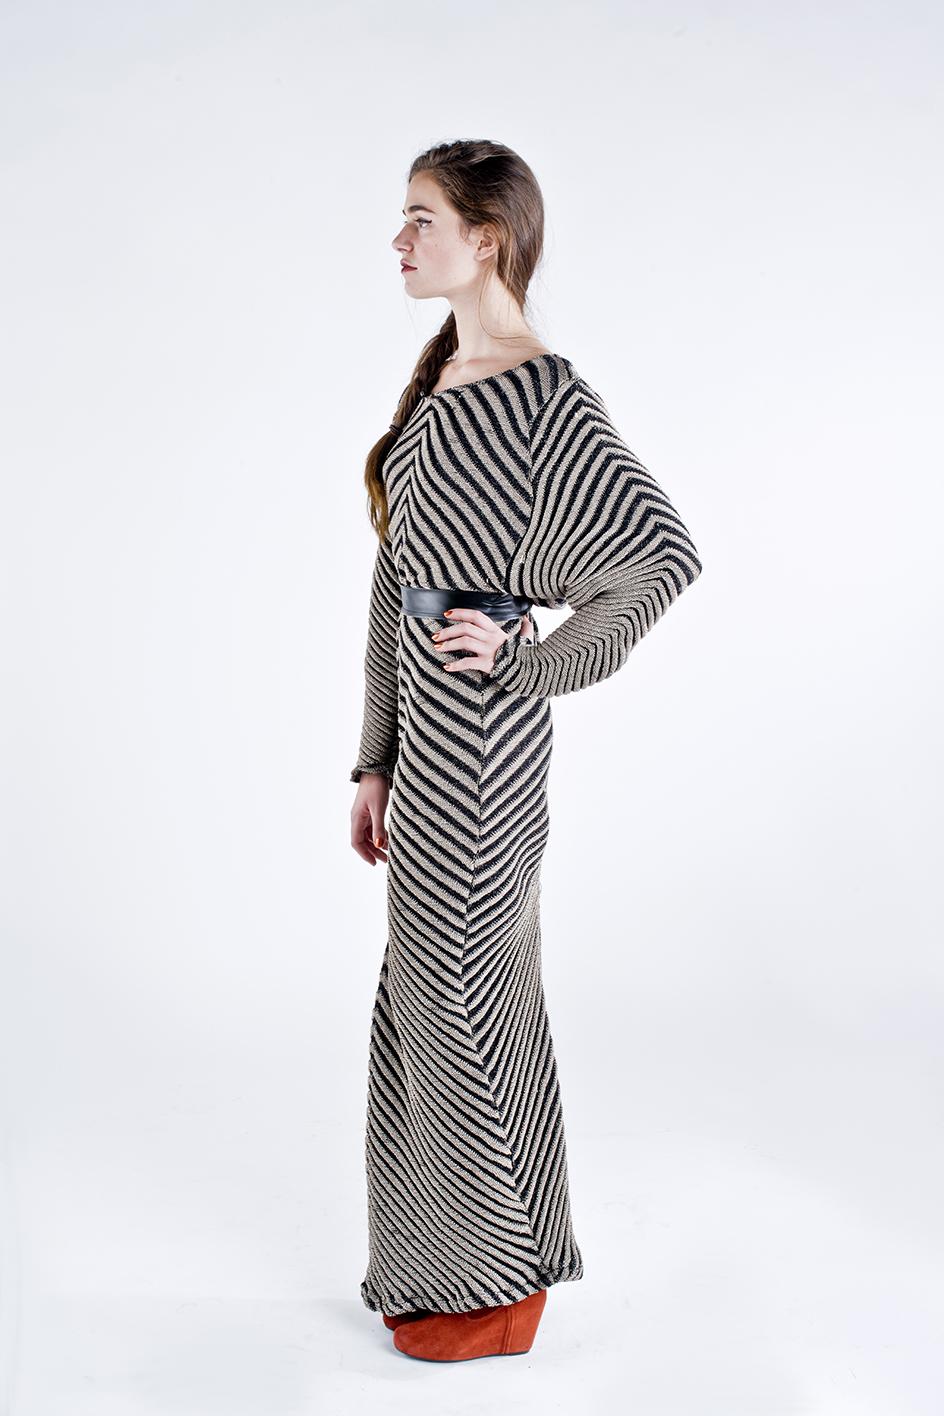 highline_dress_013_DSC6388.jpg